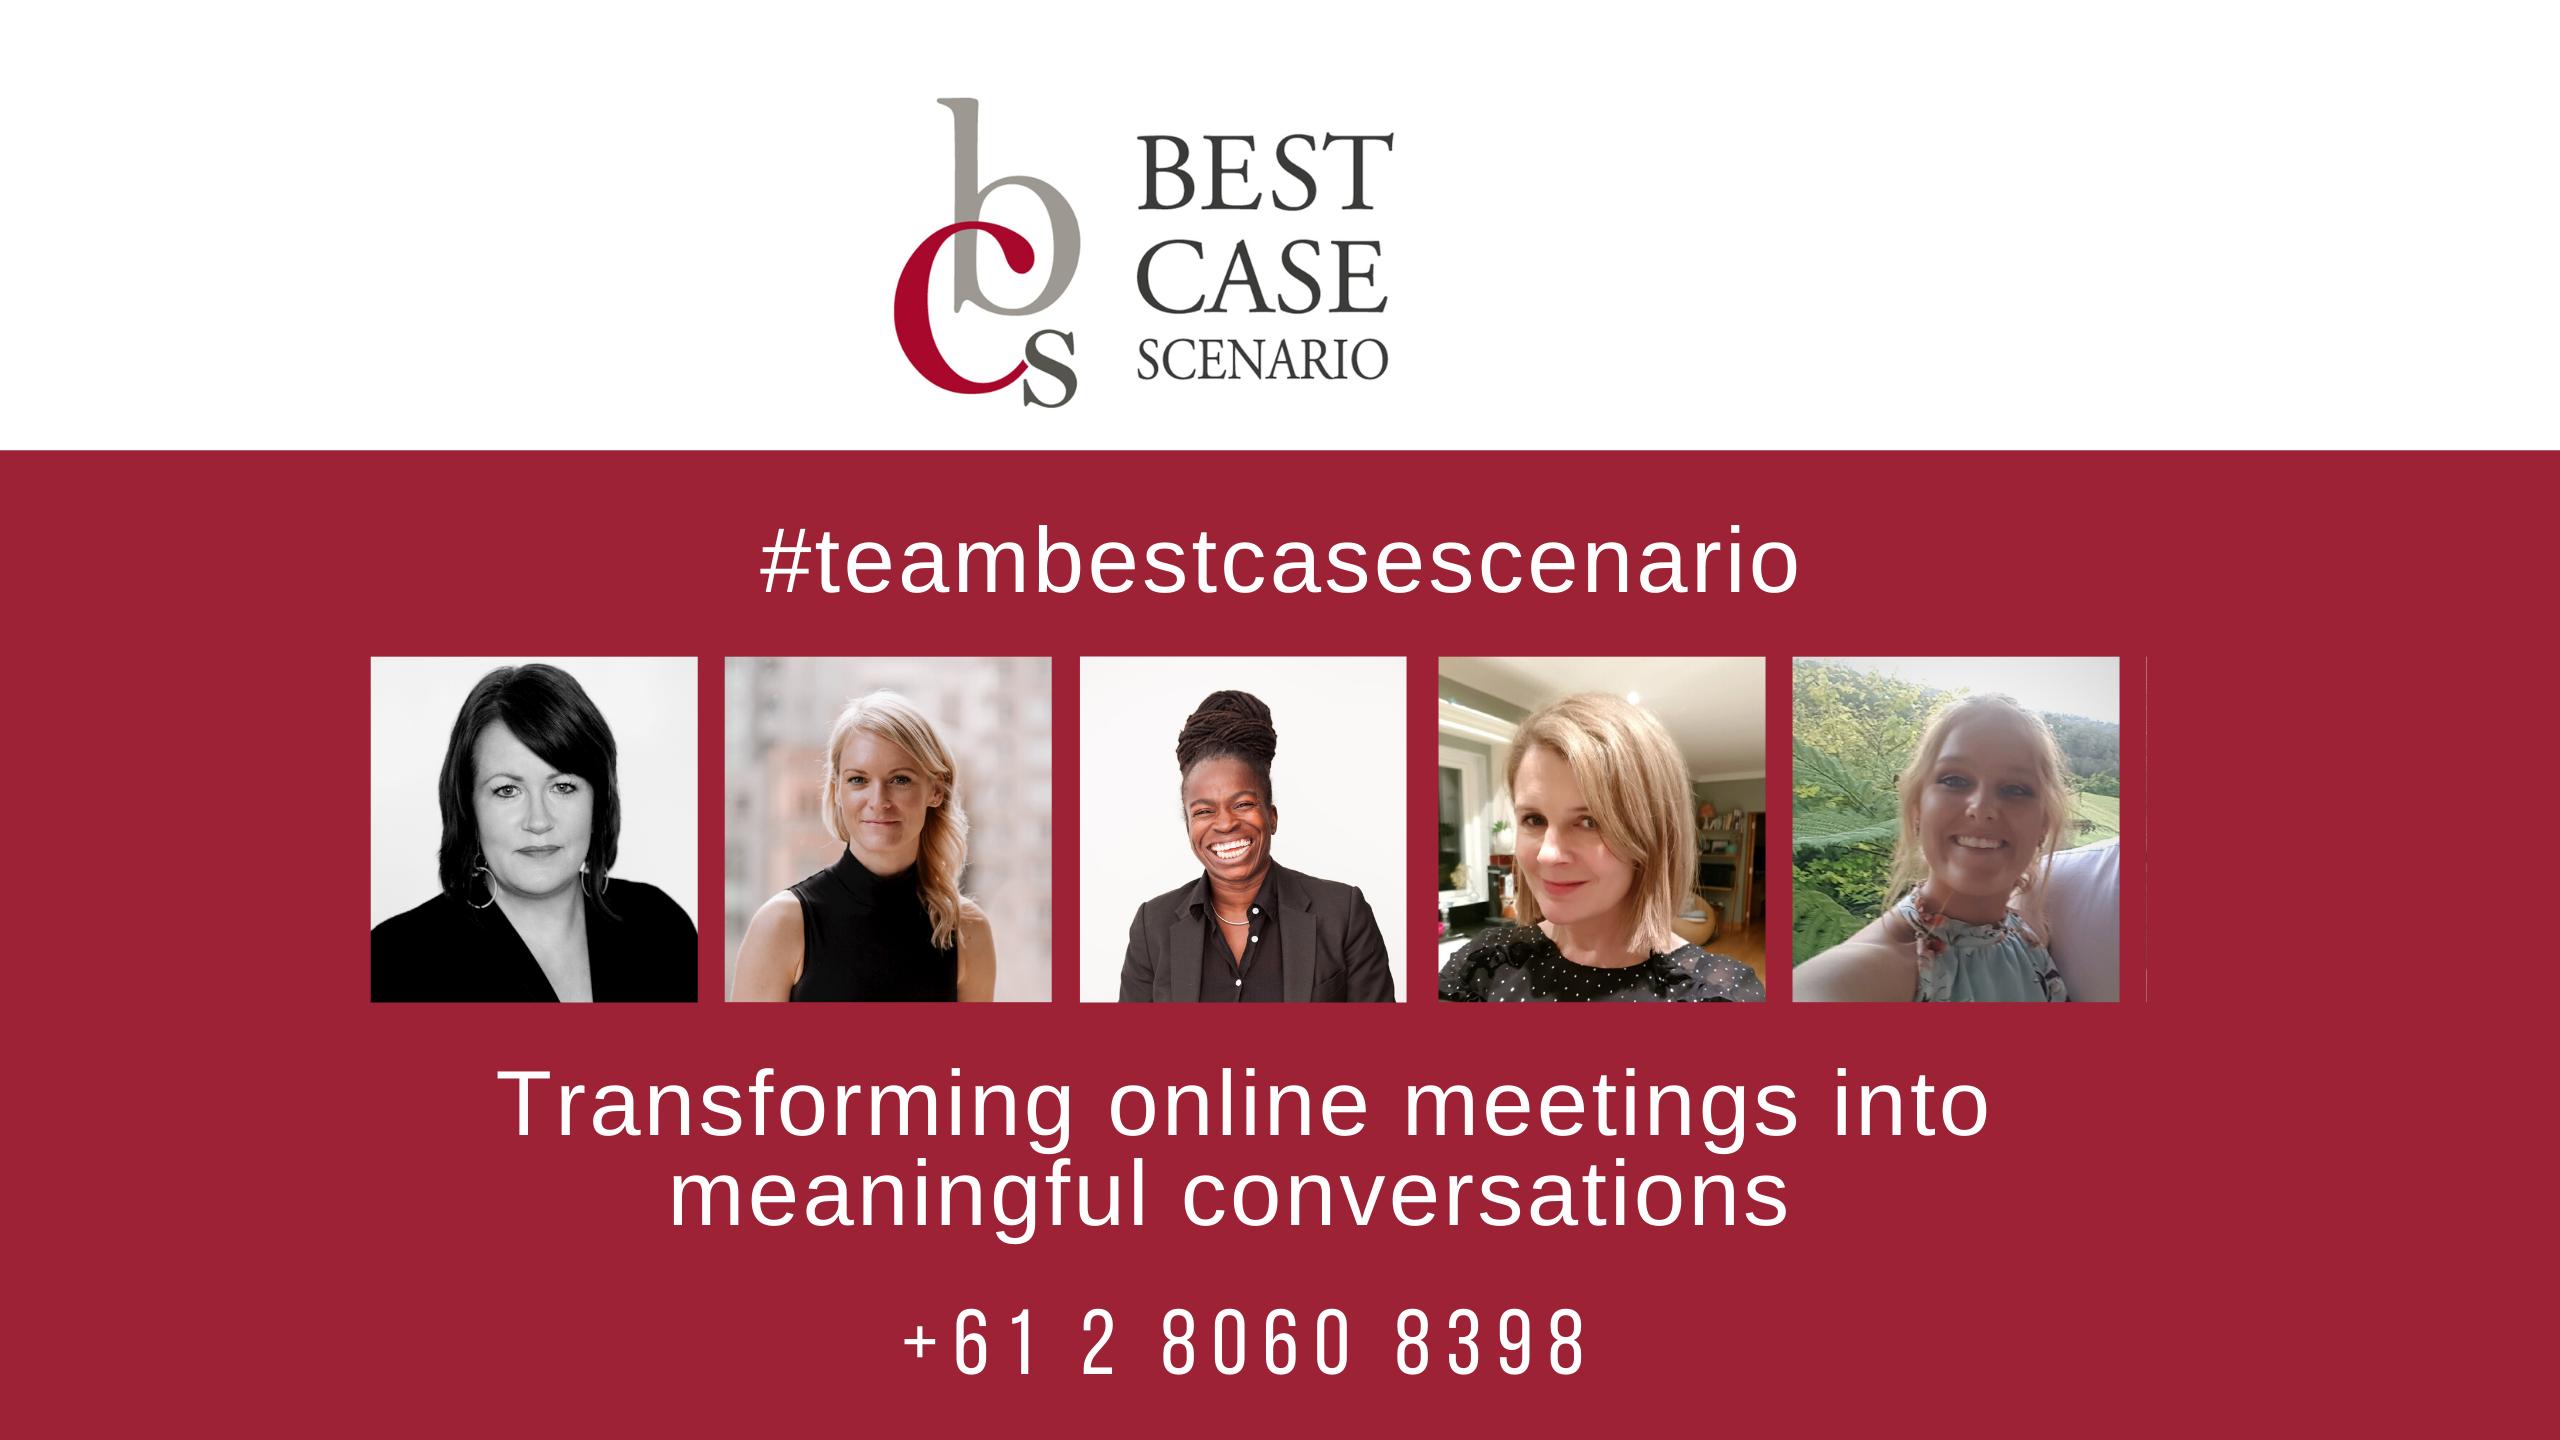 team best case scenario